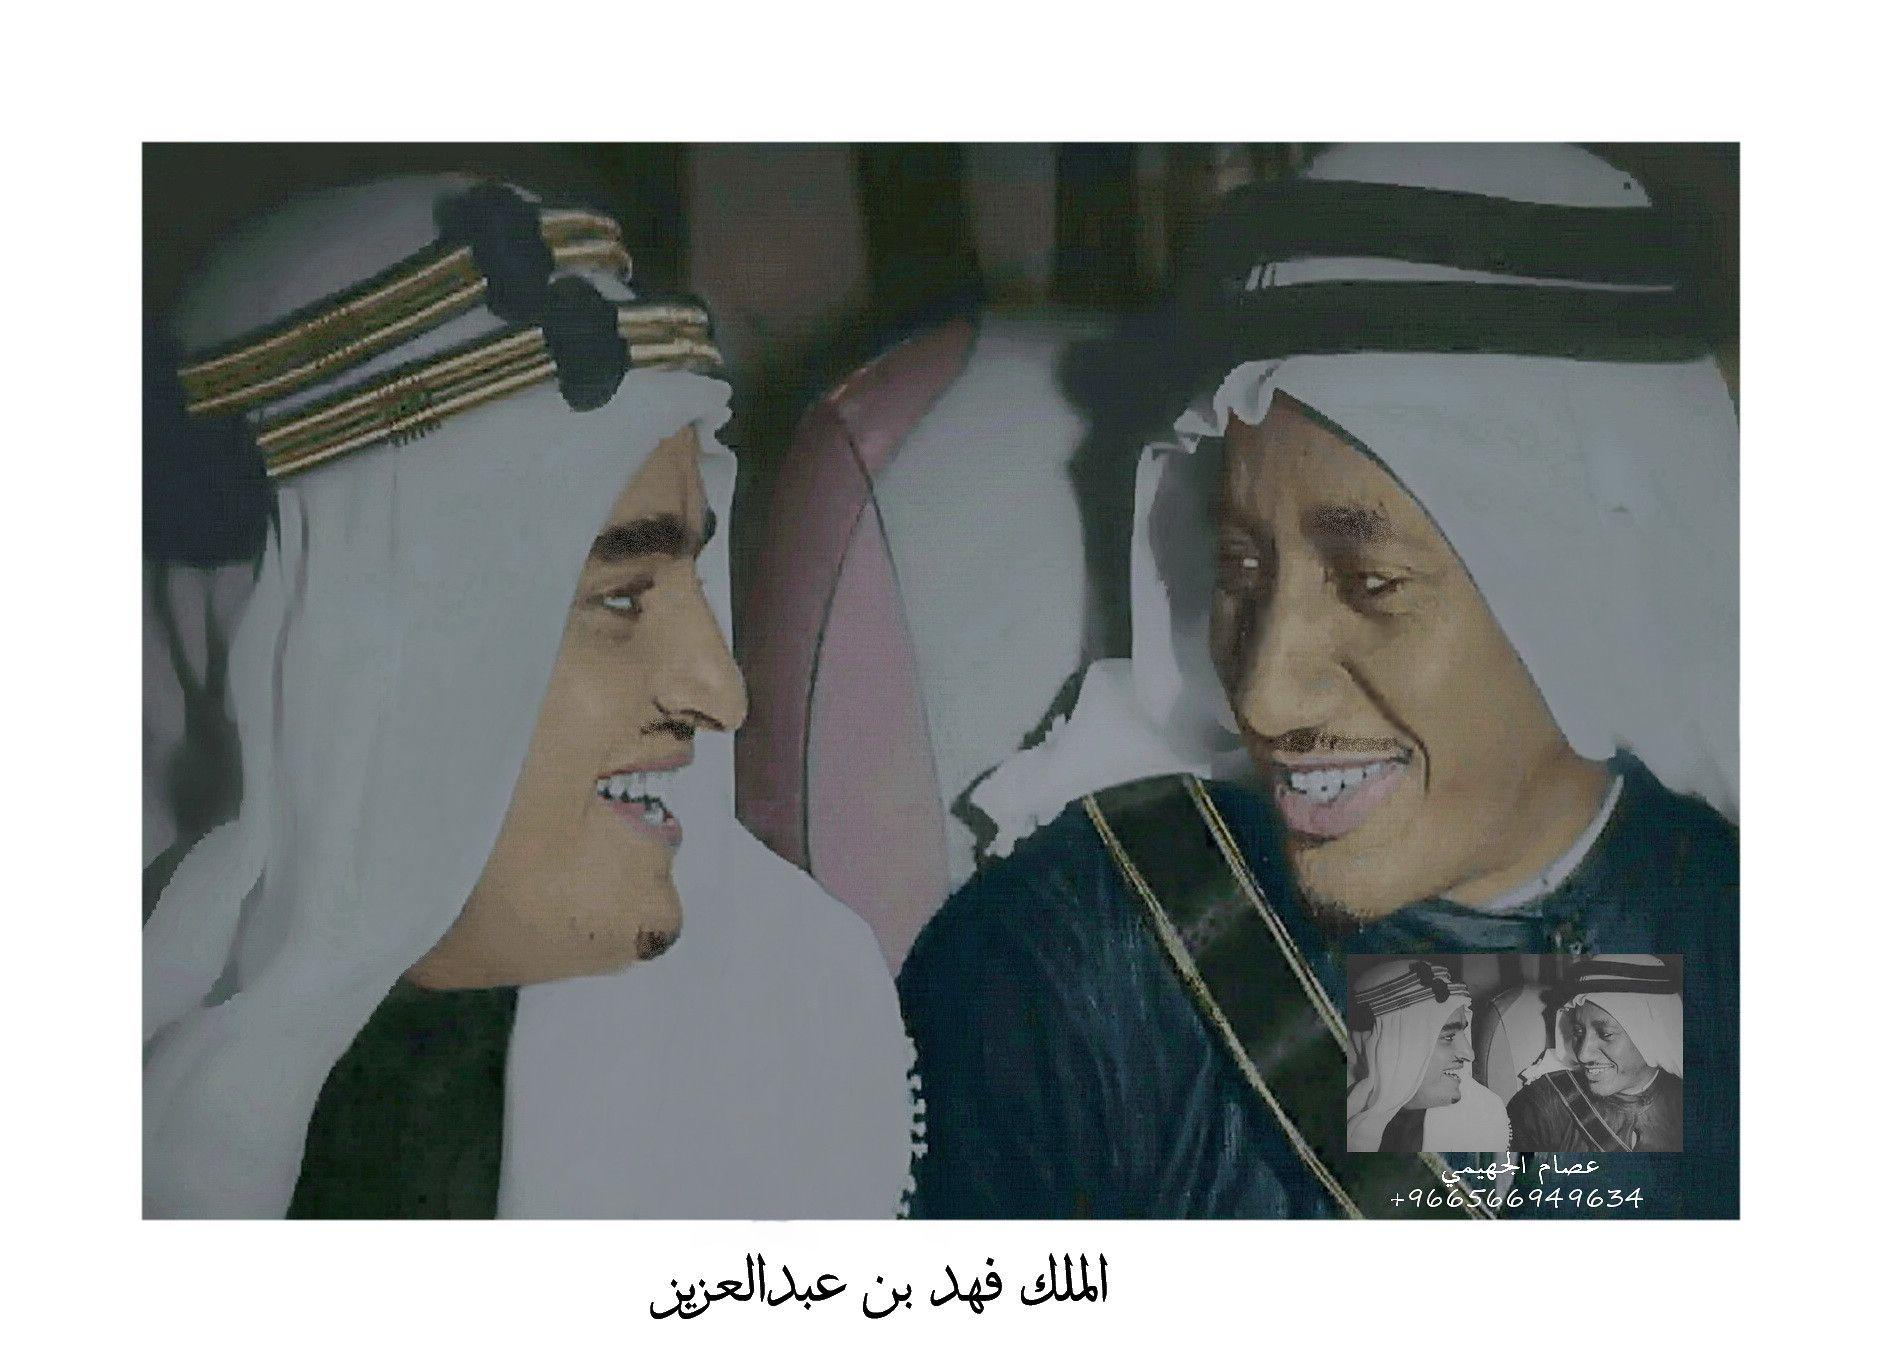 الملك فهد بن عبدالعزيز Islamic Images Rare Pictures Royal Family